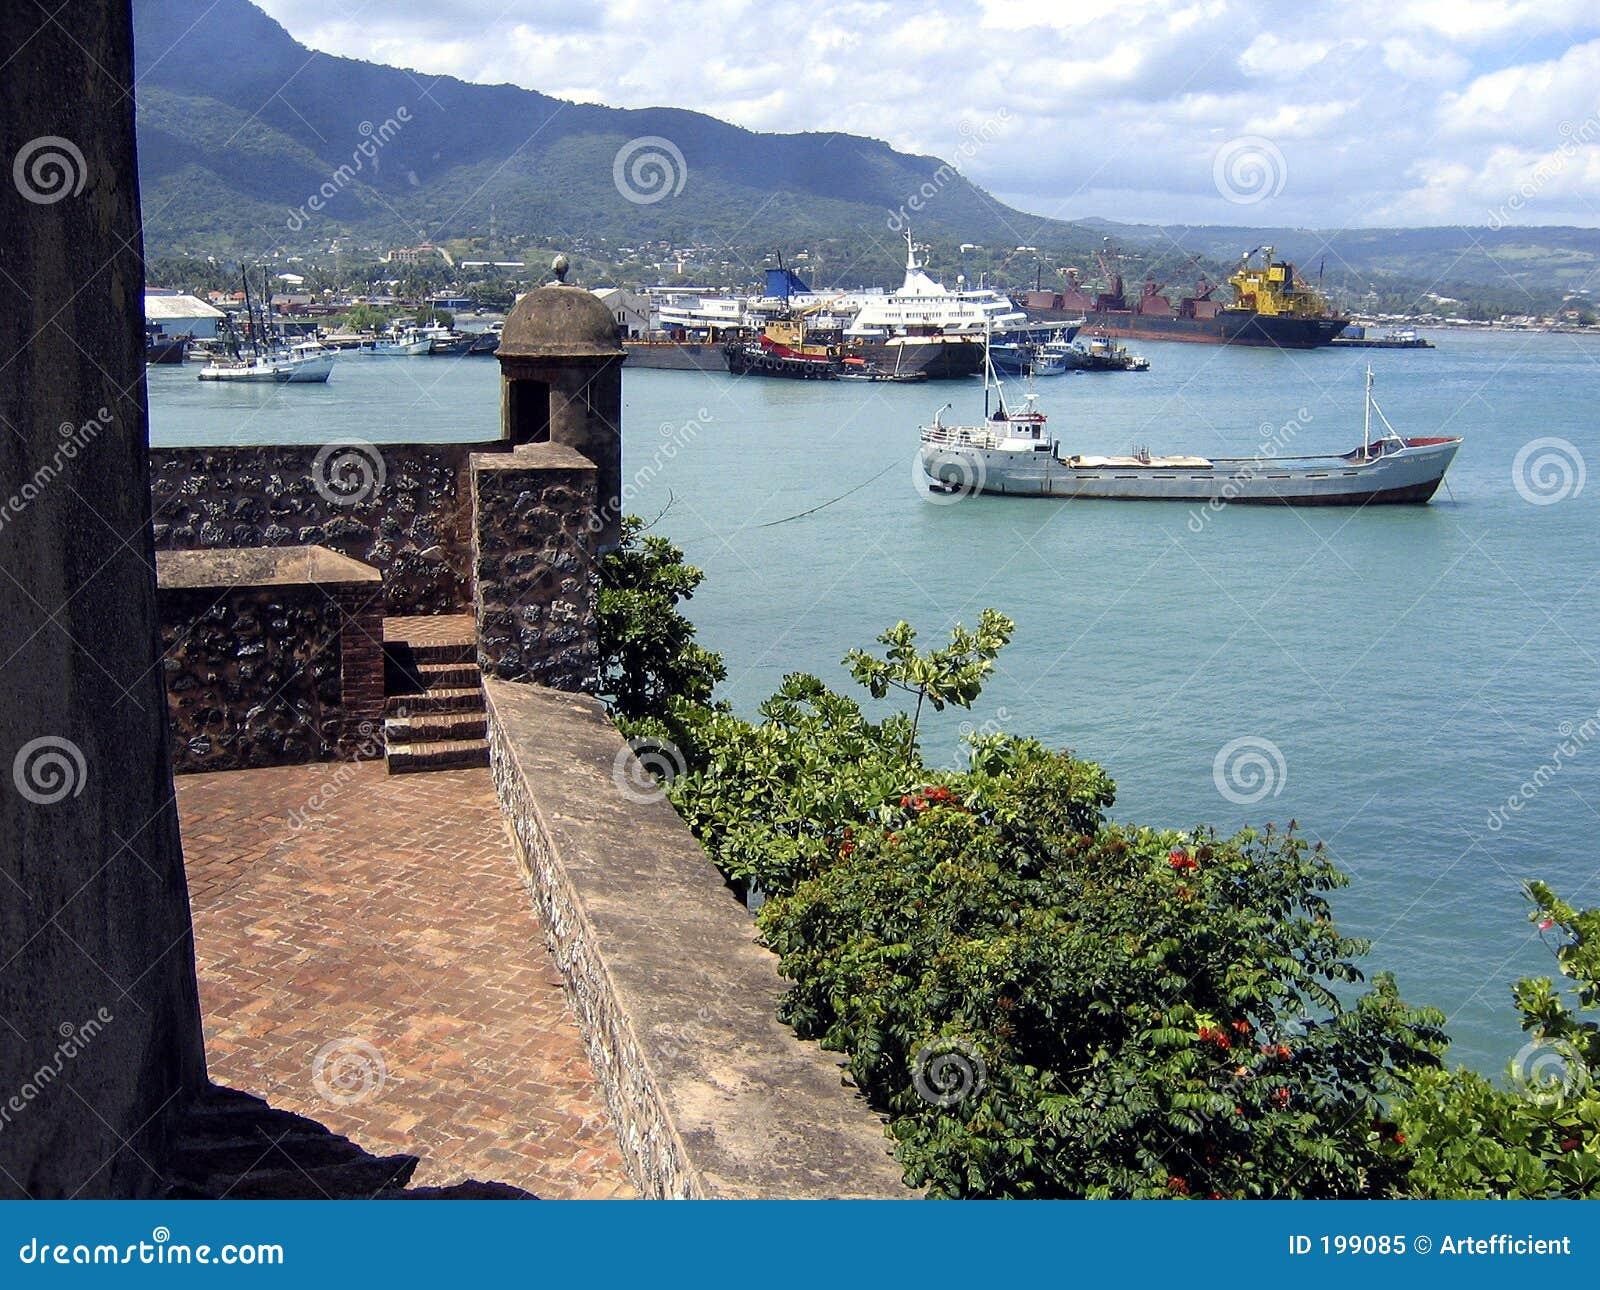 d690b5c7abd0 Vieux Fort Et Port Des Caraïbes De Puerto Plata Image stock - Image ...